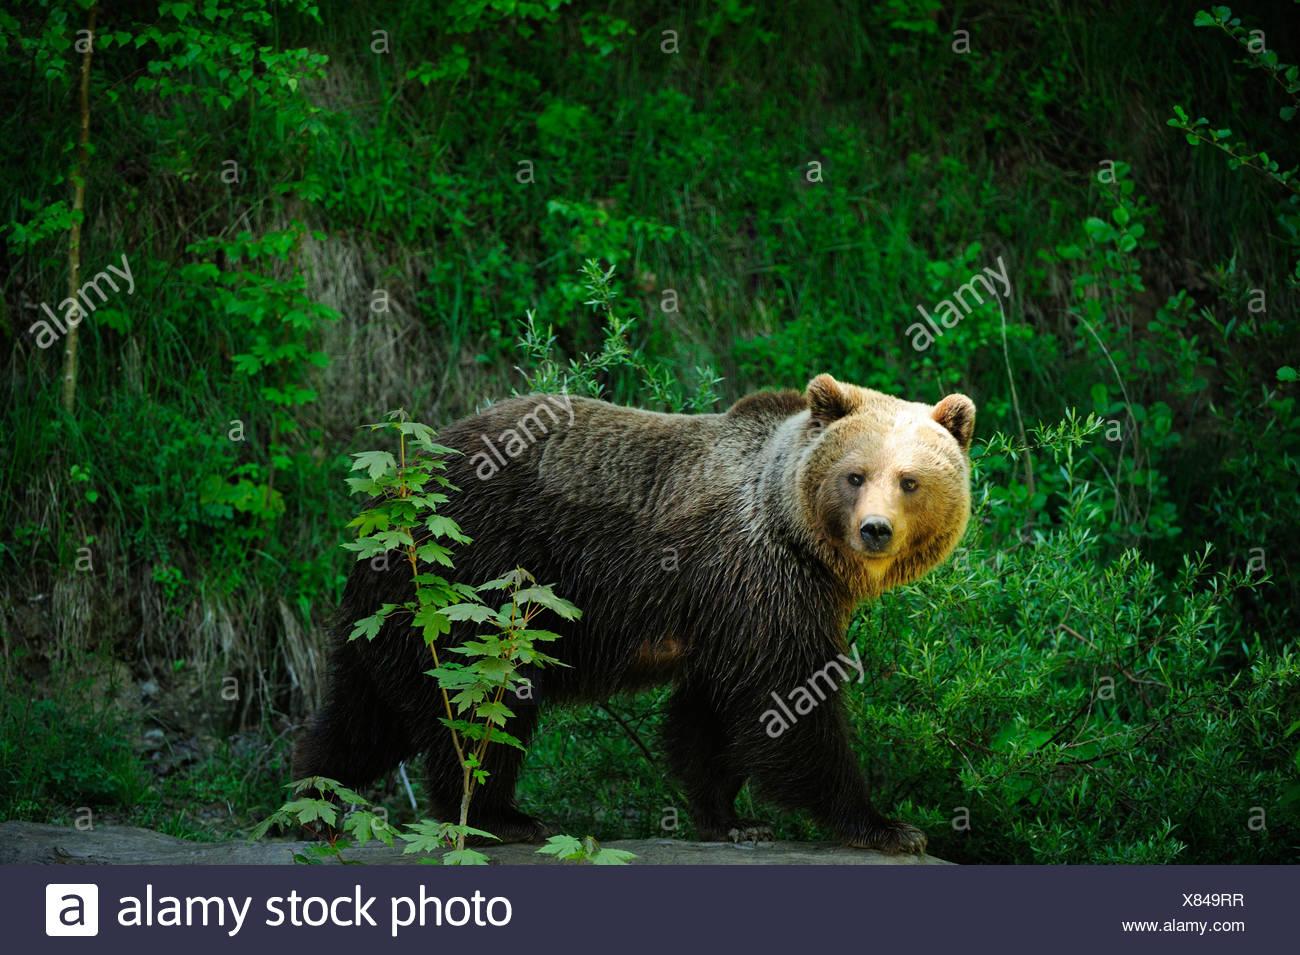 Oso pardo (Ursus arctos), el Zoo de Langenberg, Adliswil, Cantón de Zurich, Suiza Foto de stock